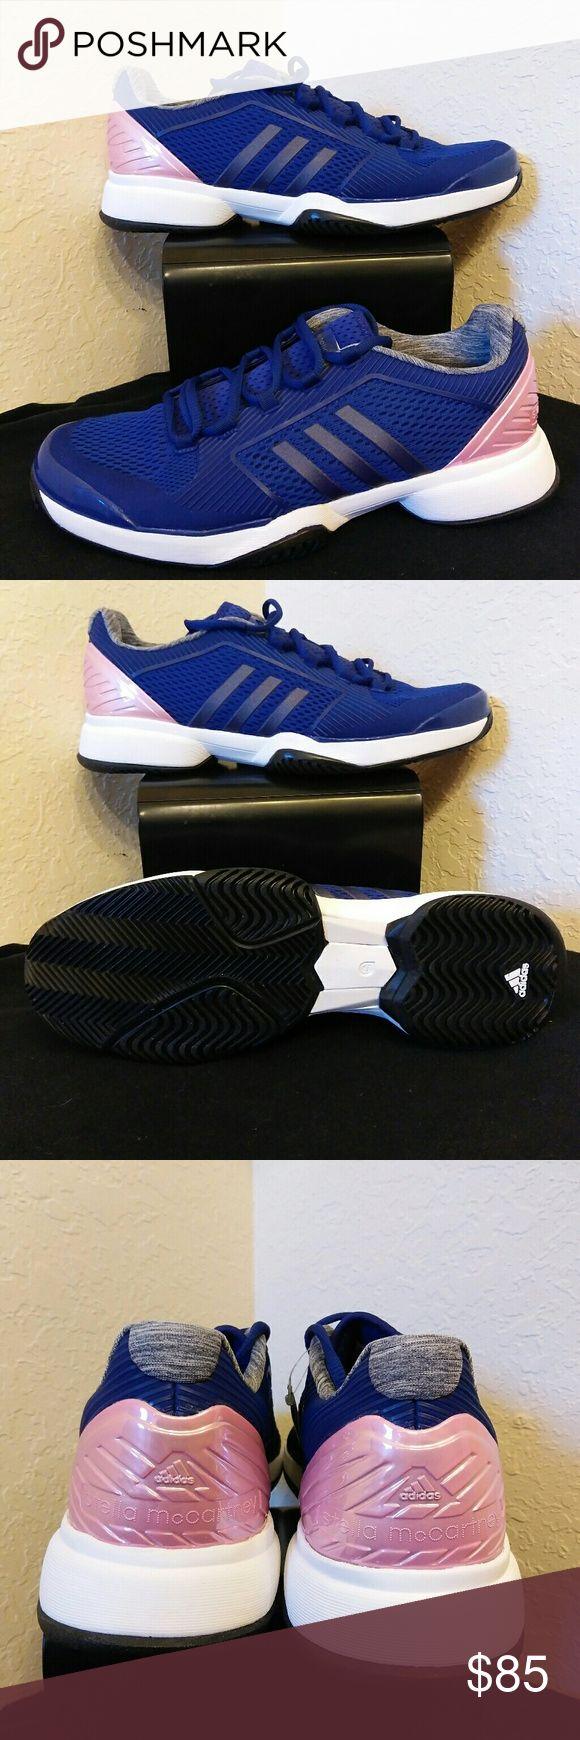 Stella Mccartney Adidas Blue Tennis Barricade BRAND NEW WITHOUT A BOX ADIDAS STELLA MCCARTNEY BARRICADE TENNIS SHOES. Adidas Shoes Sneakers